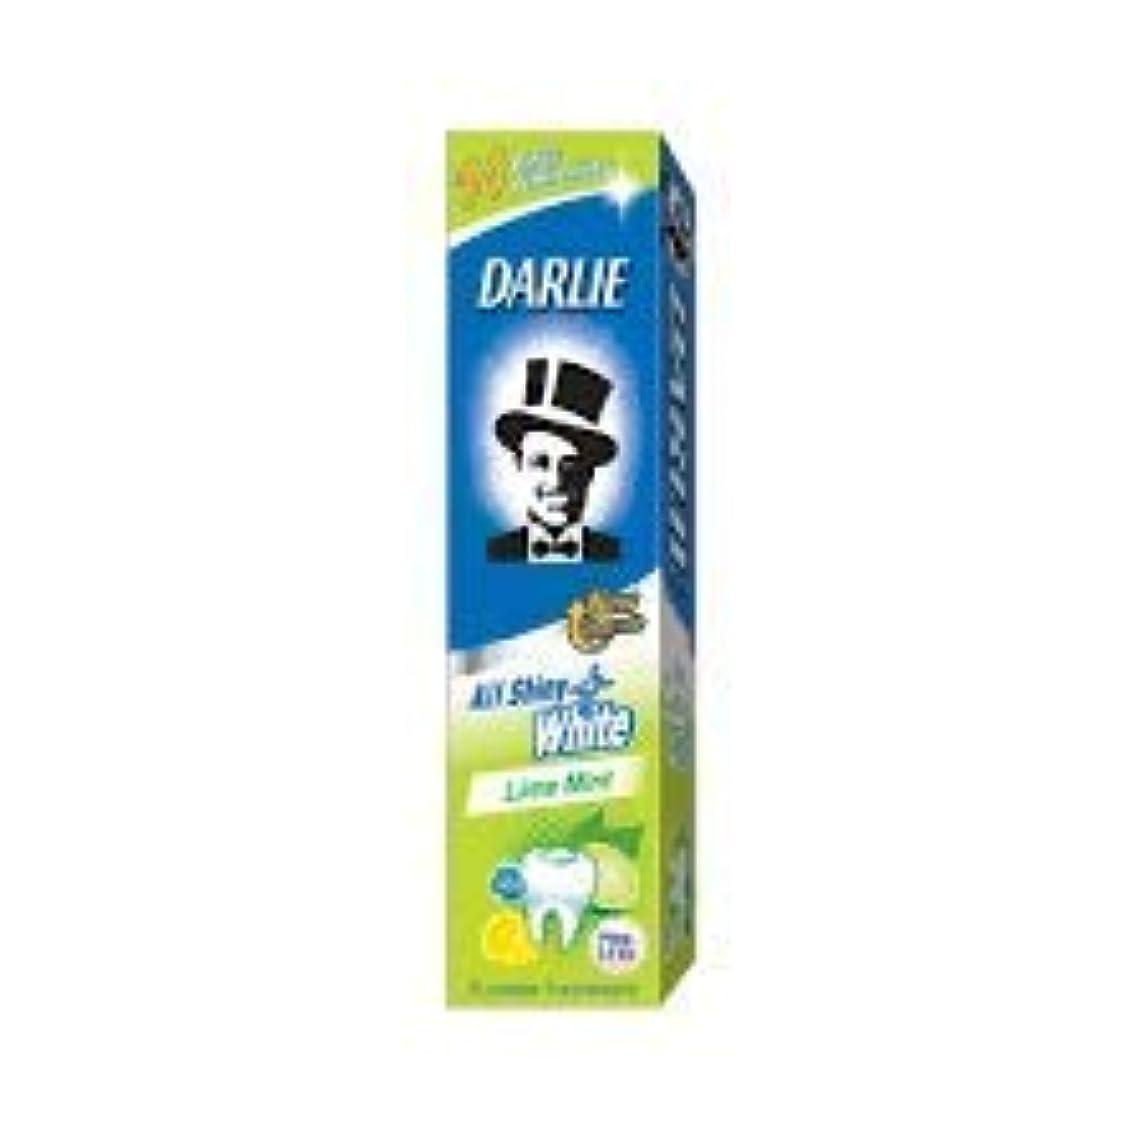 頭蓋骨習慣ファントムDARLIE 歯磨き粉すべての光沢のあるホワイトライムミント140g - 虫歯と戦い、歯を保護するフッ化物を含みます